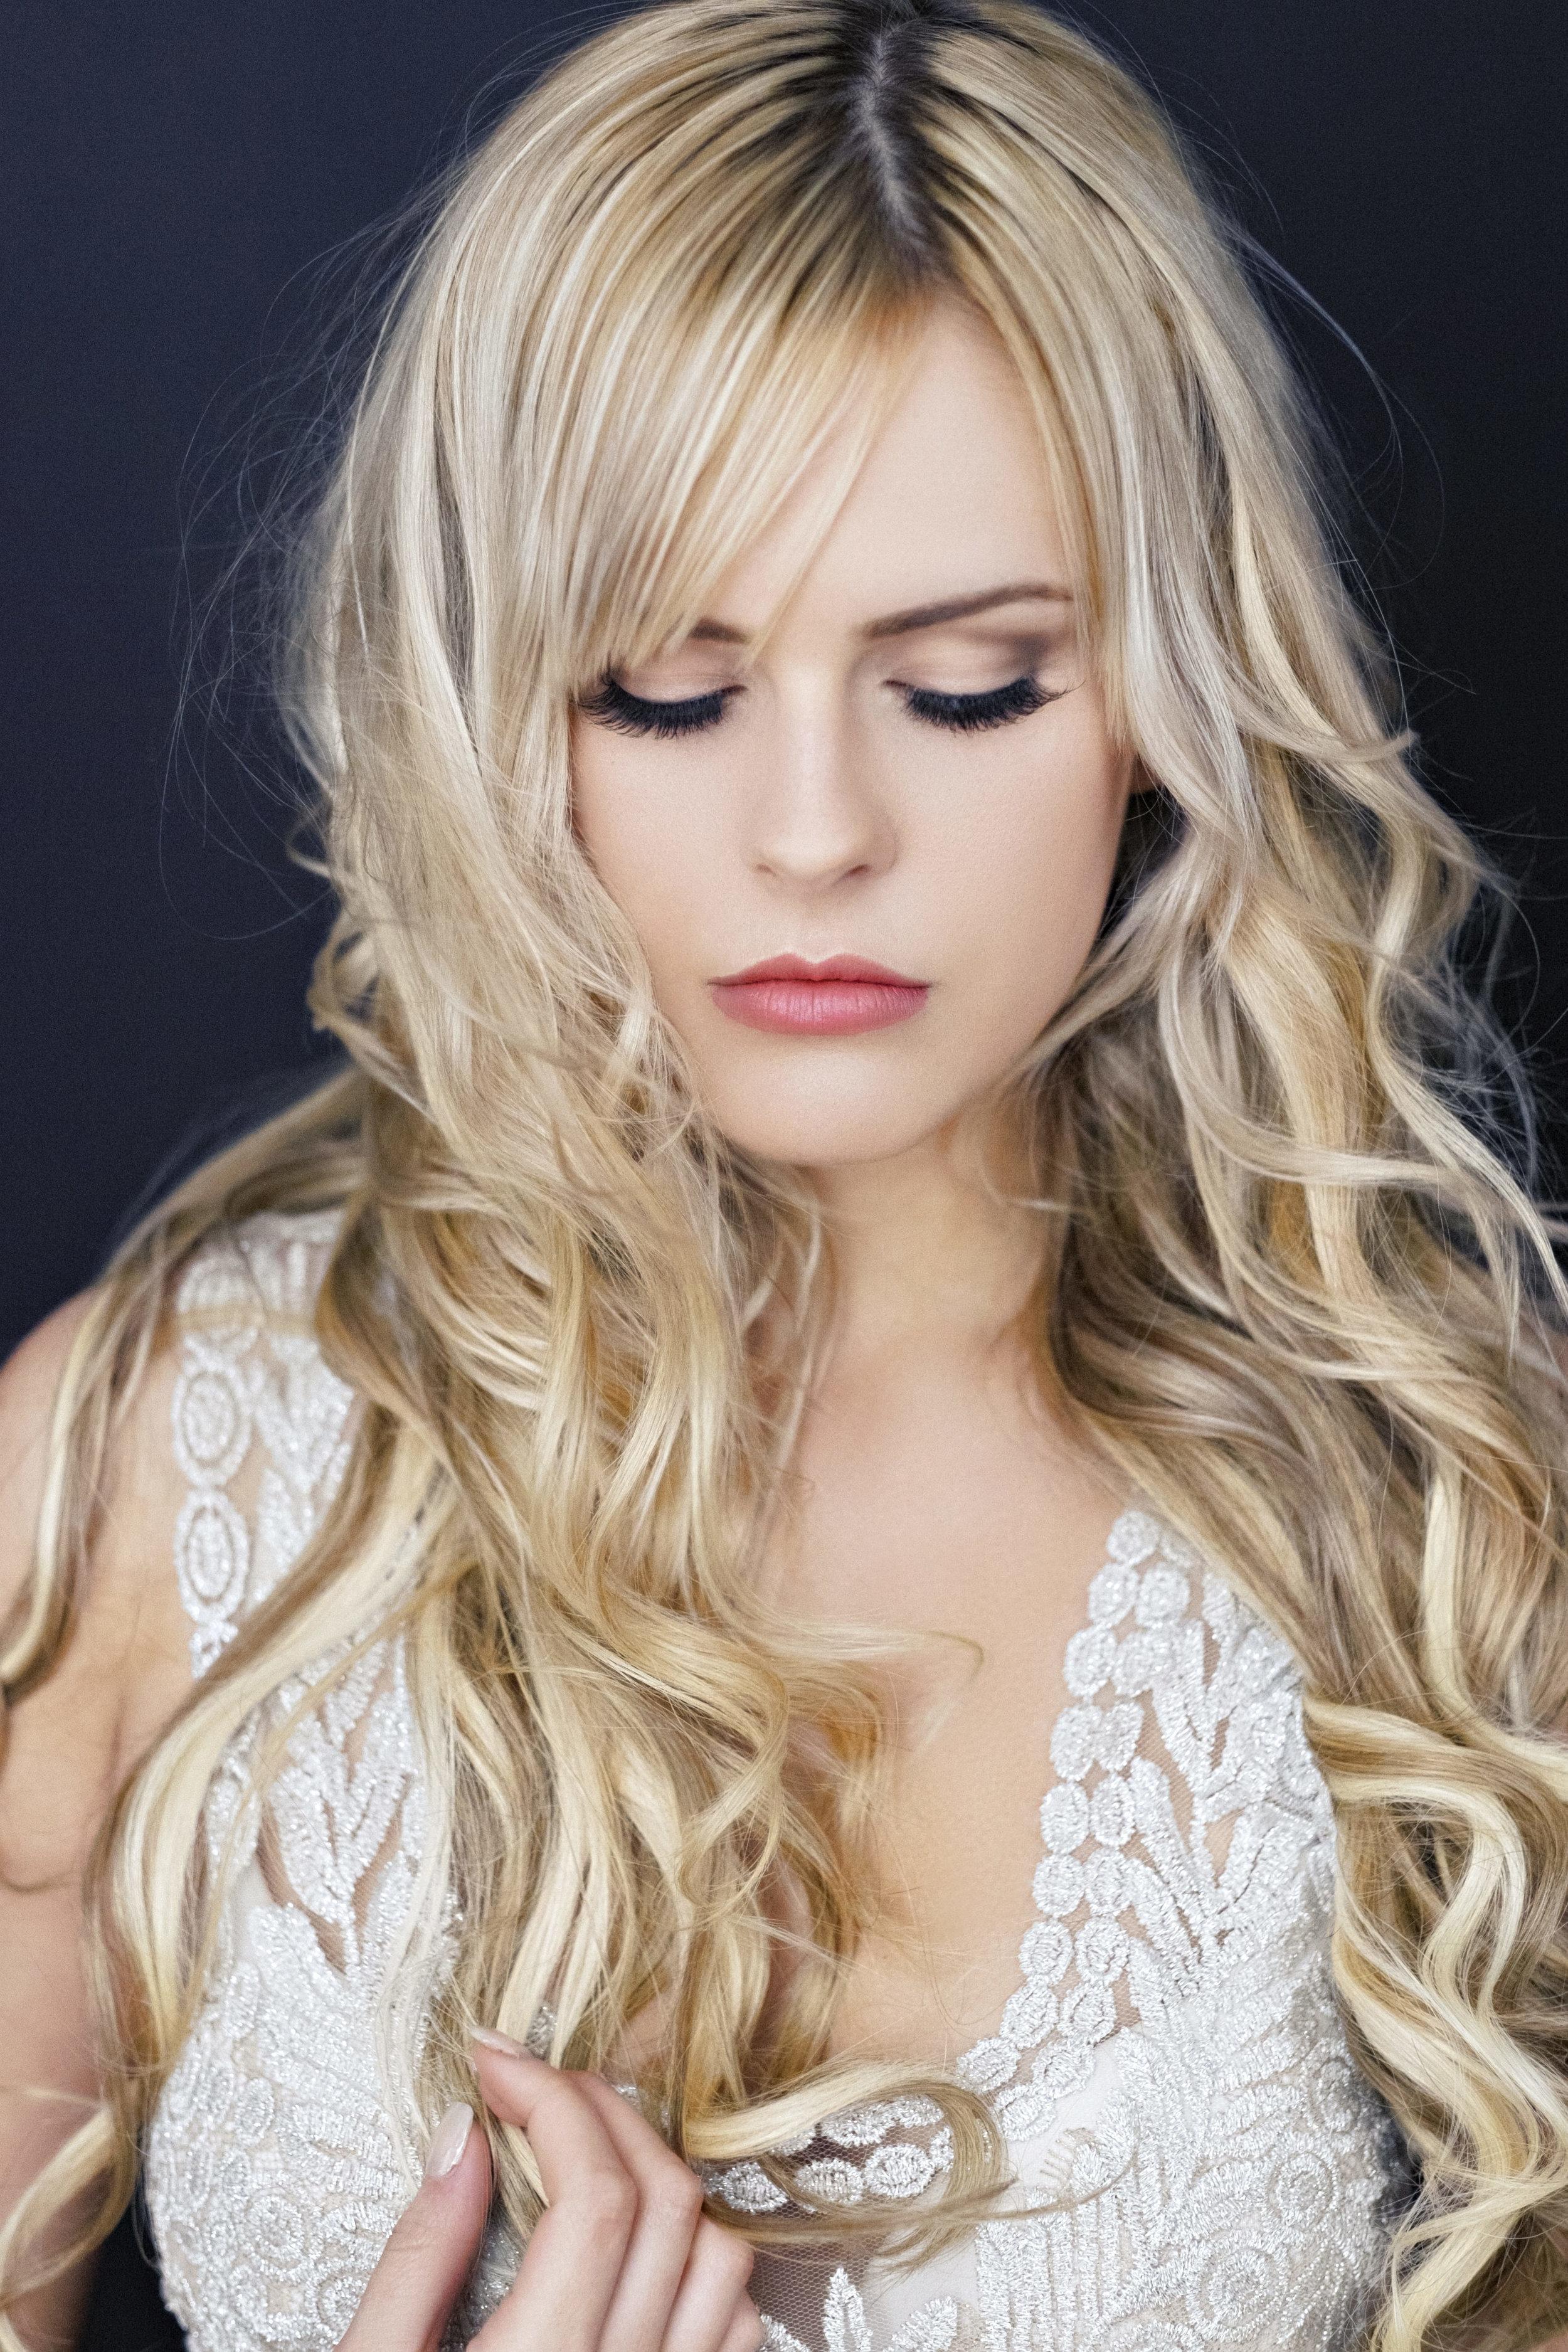 Marta-Hewson-Fashion-blonde-Alluring-Makeup.jpg